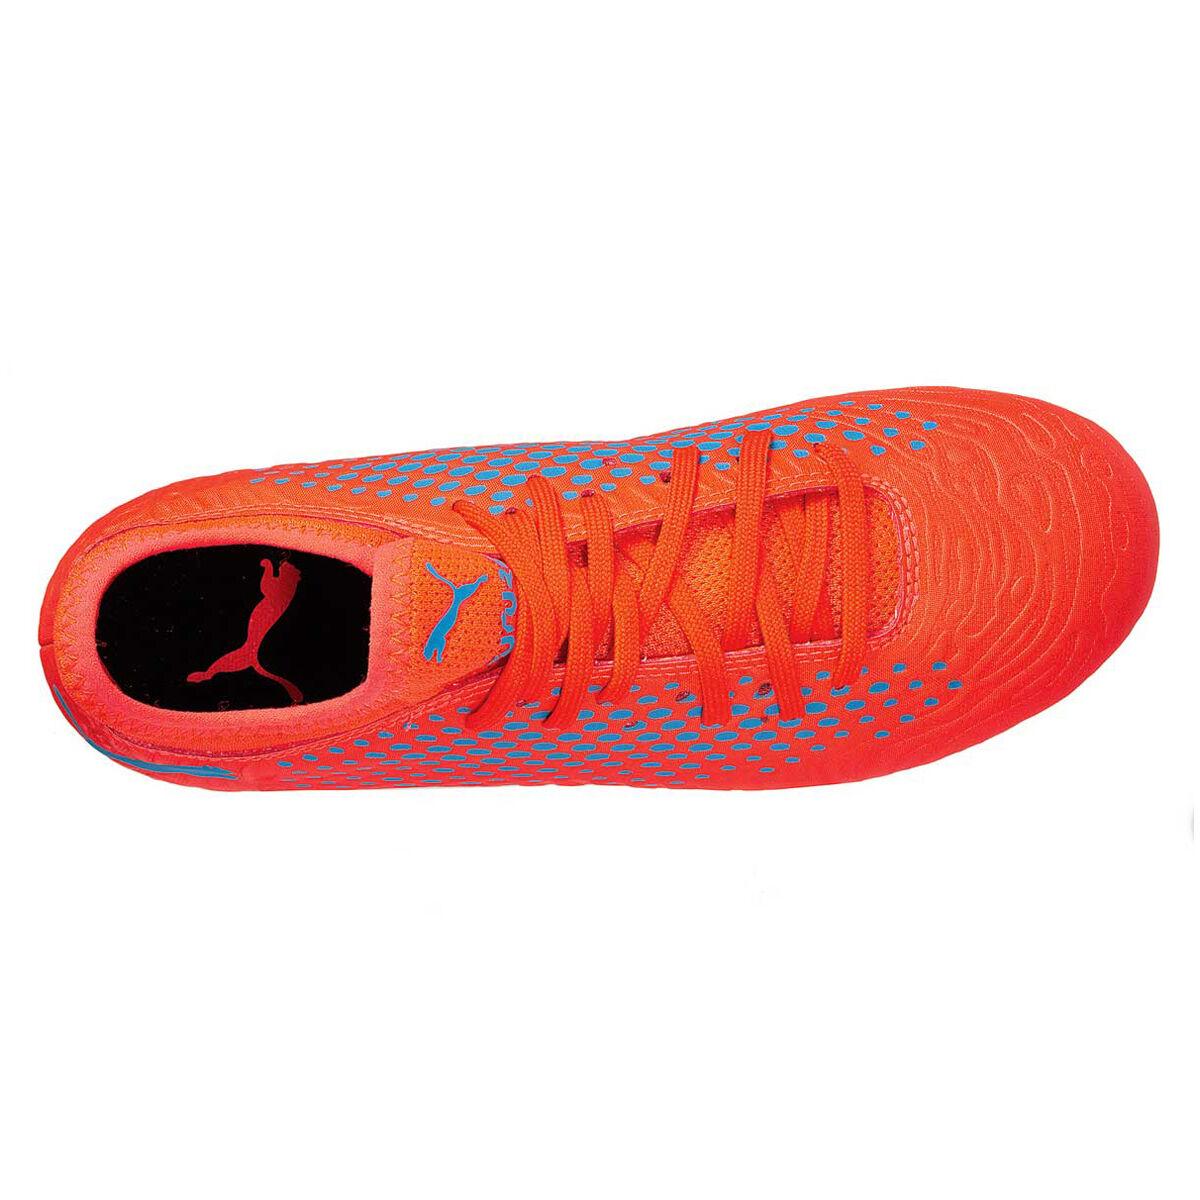 Puma Future 19.4 Kids Football Boots | Rebel Sport